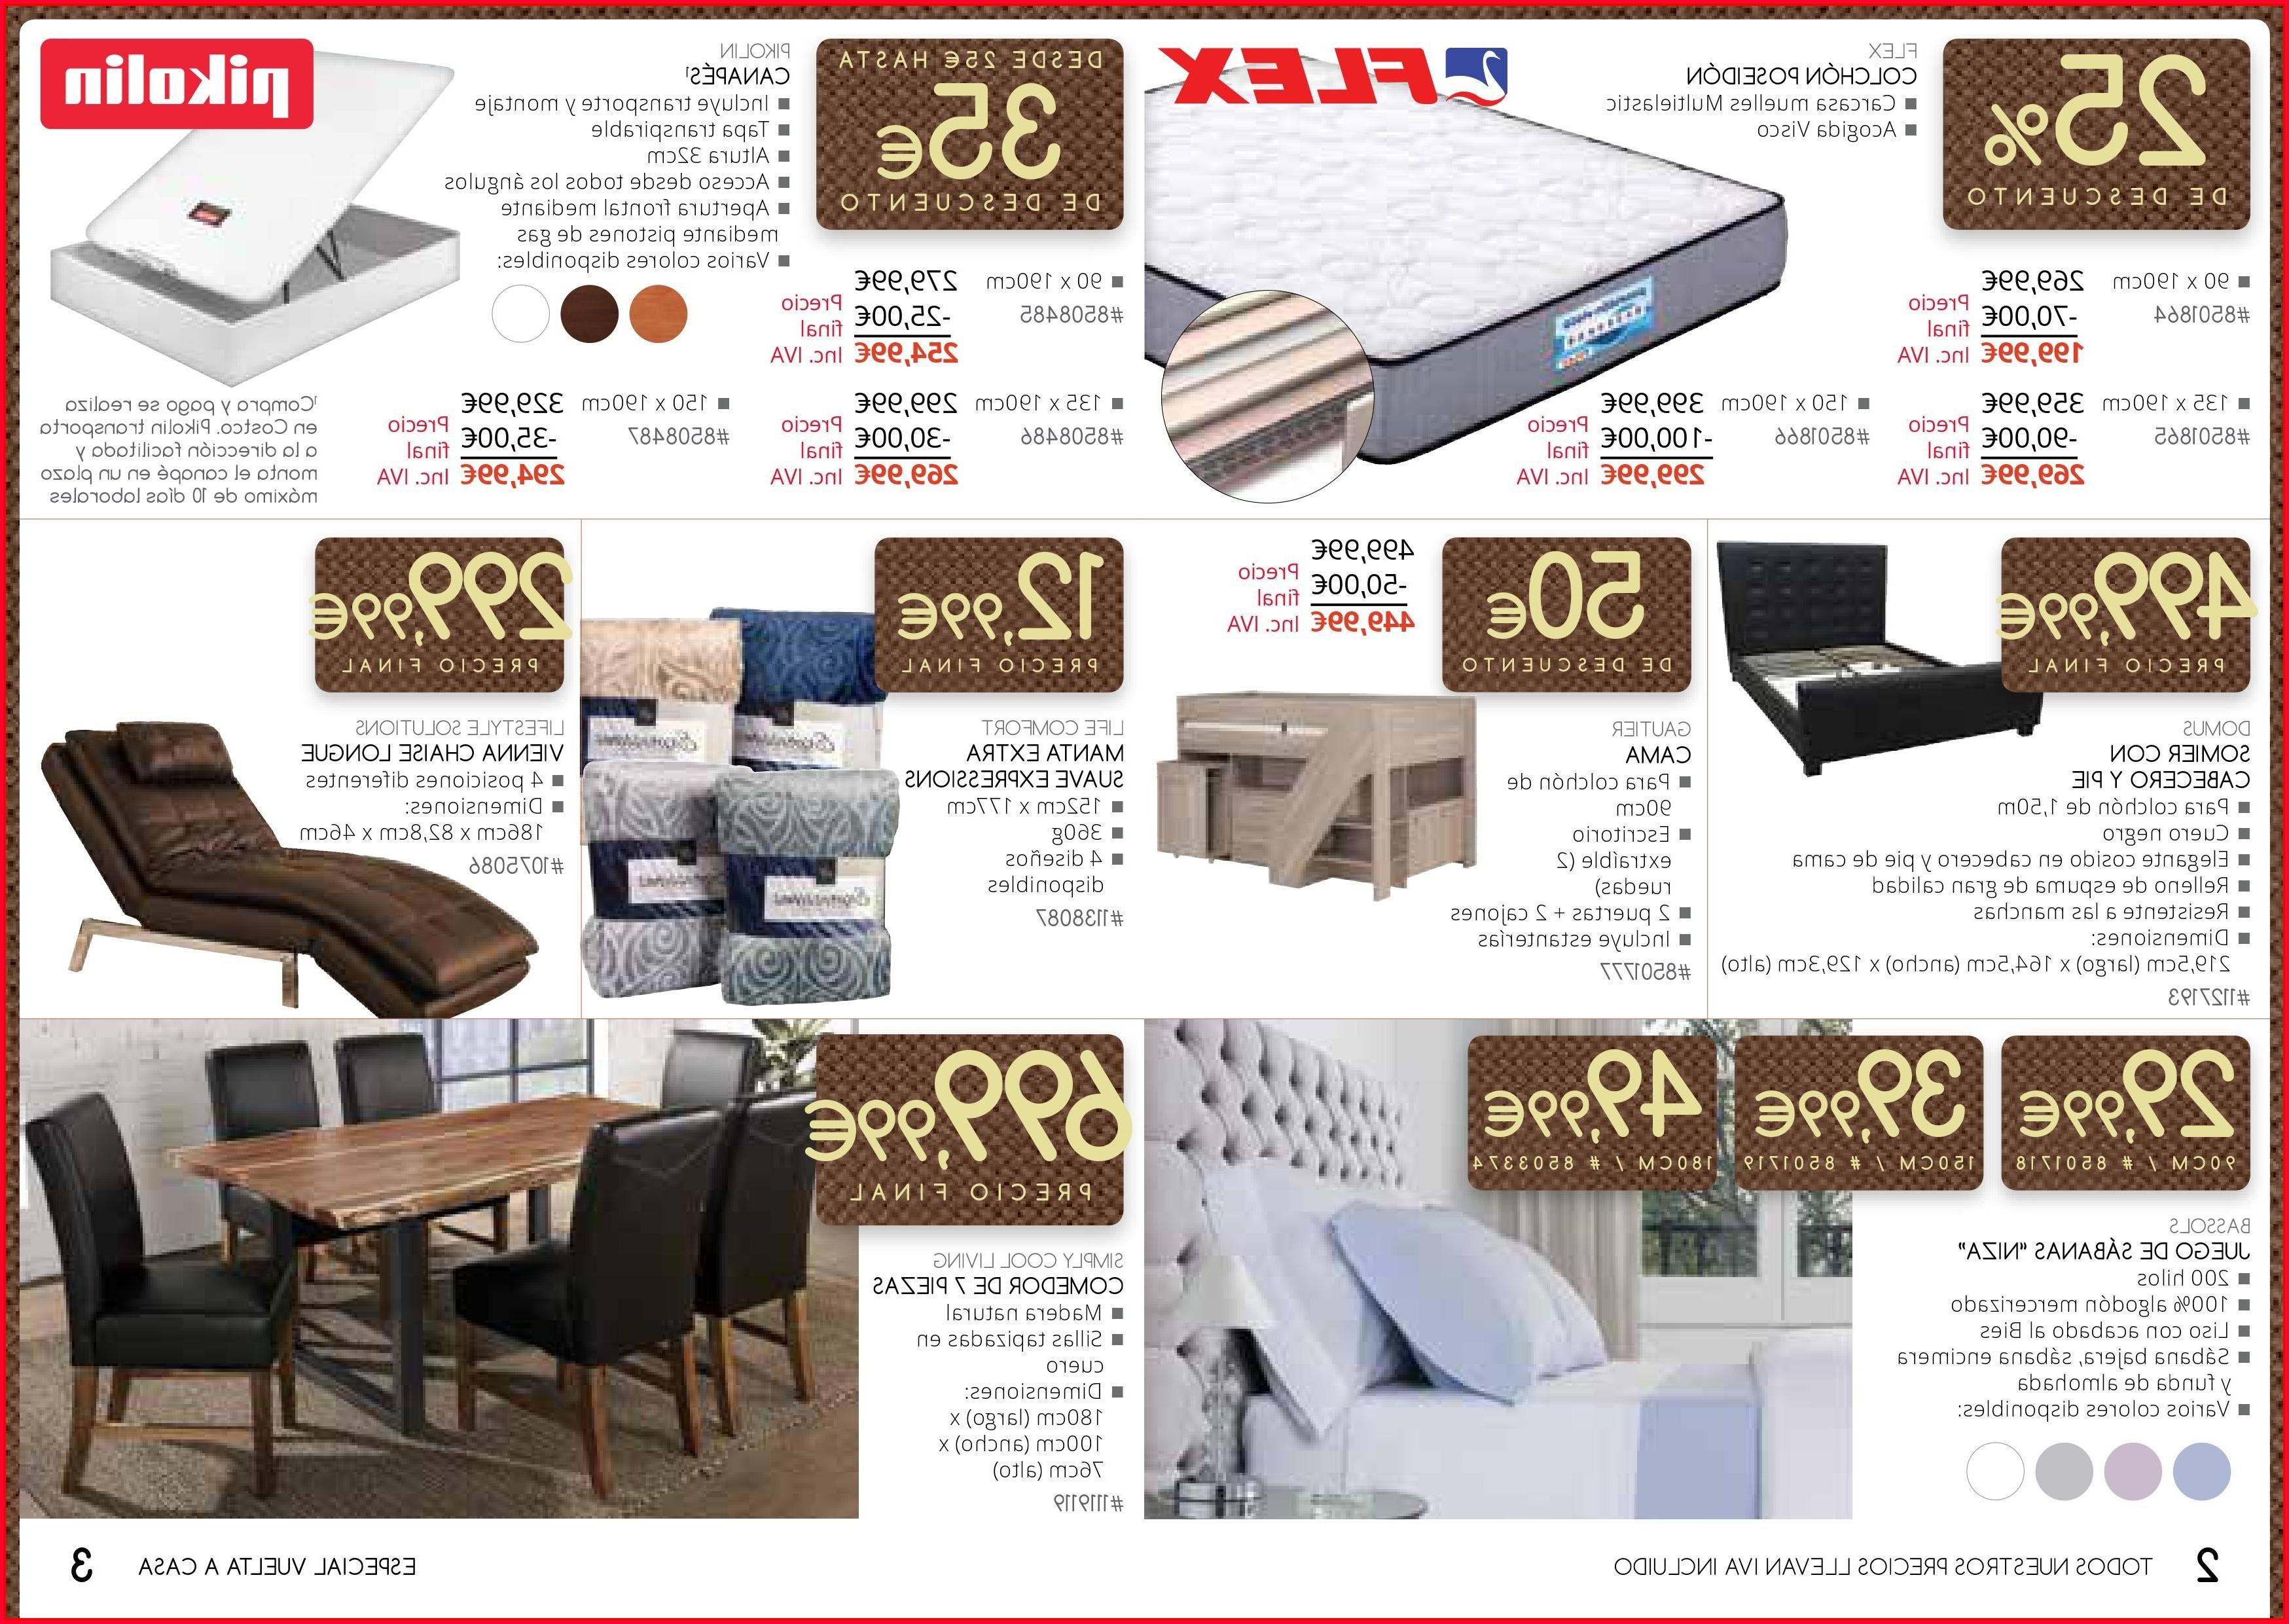 Catalogo De Muebles E6d5 à Nico Catalogo De Muebles Galerà A De Muebles Estilo Muebles